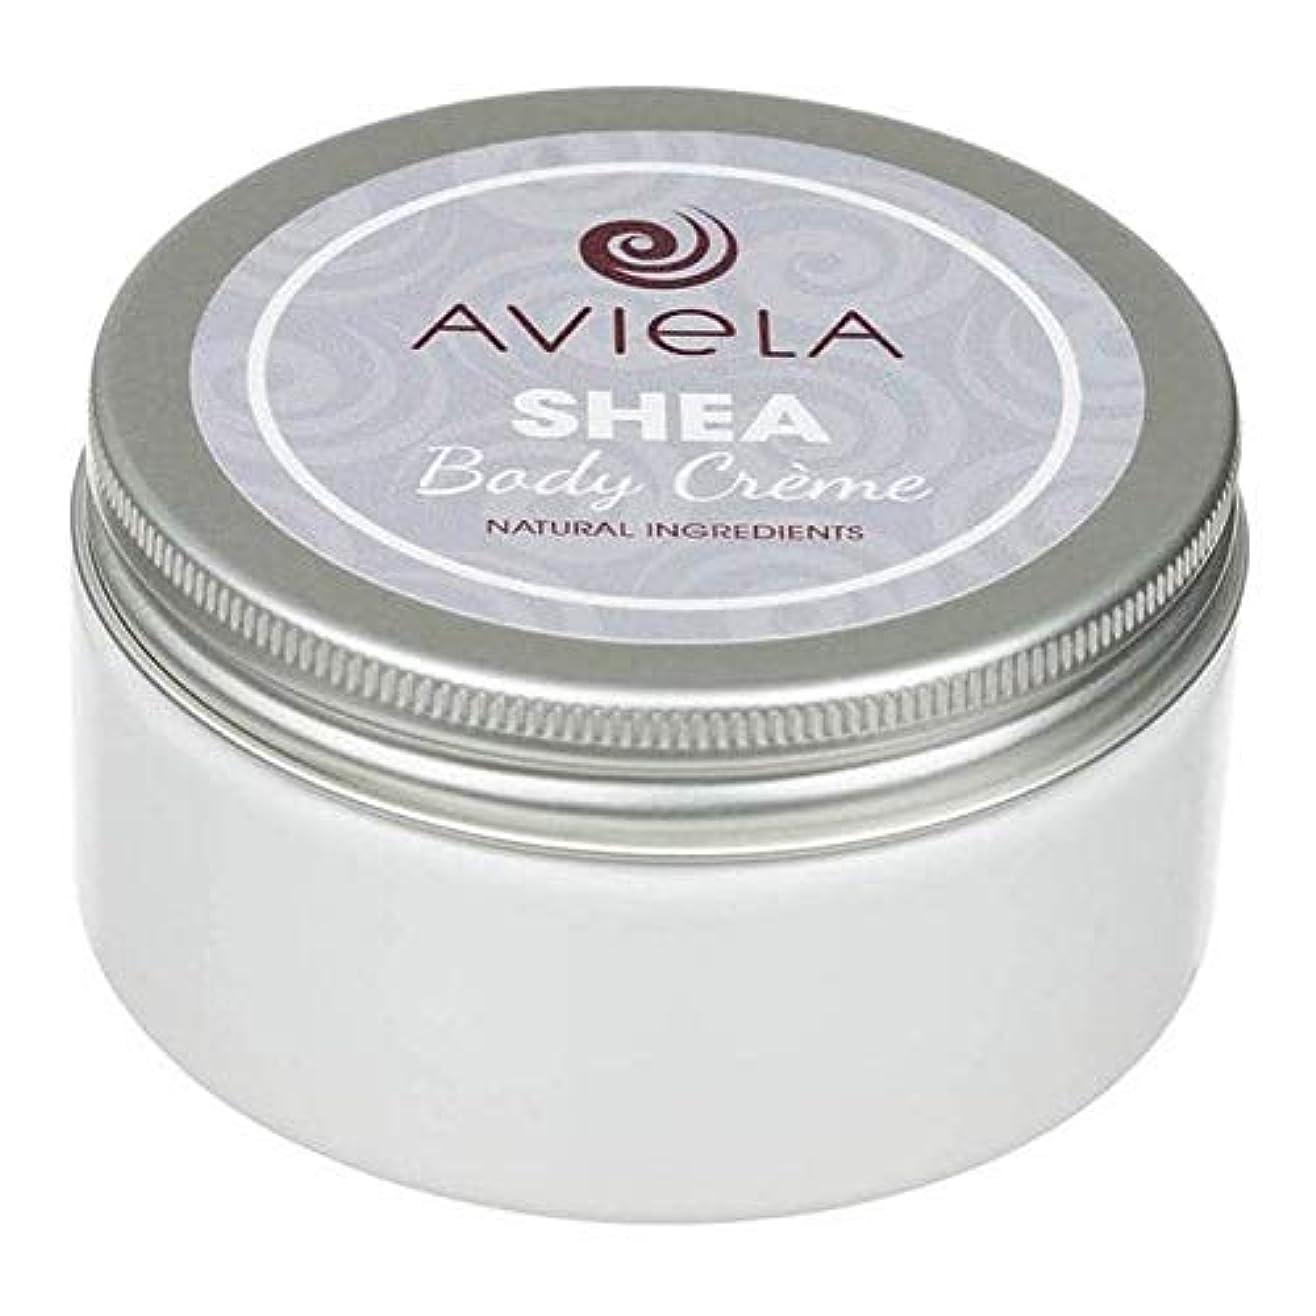 休憩する迫害スタウト[Aviela] Avielaシアボディクリーム200グラム - Aviela Shea Body Creme 200g [並行輸入品]